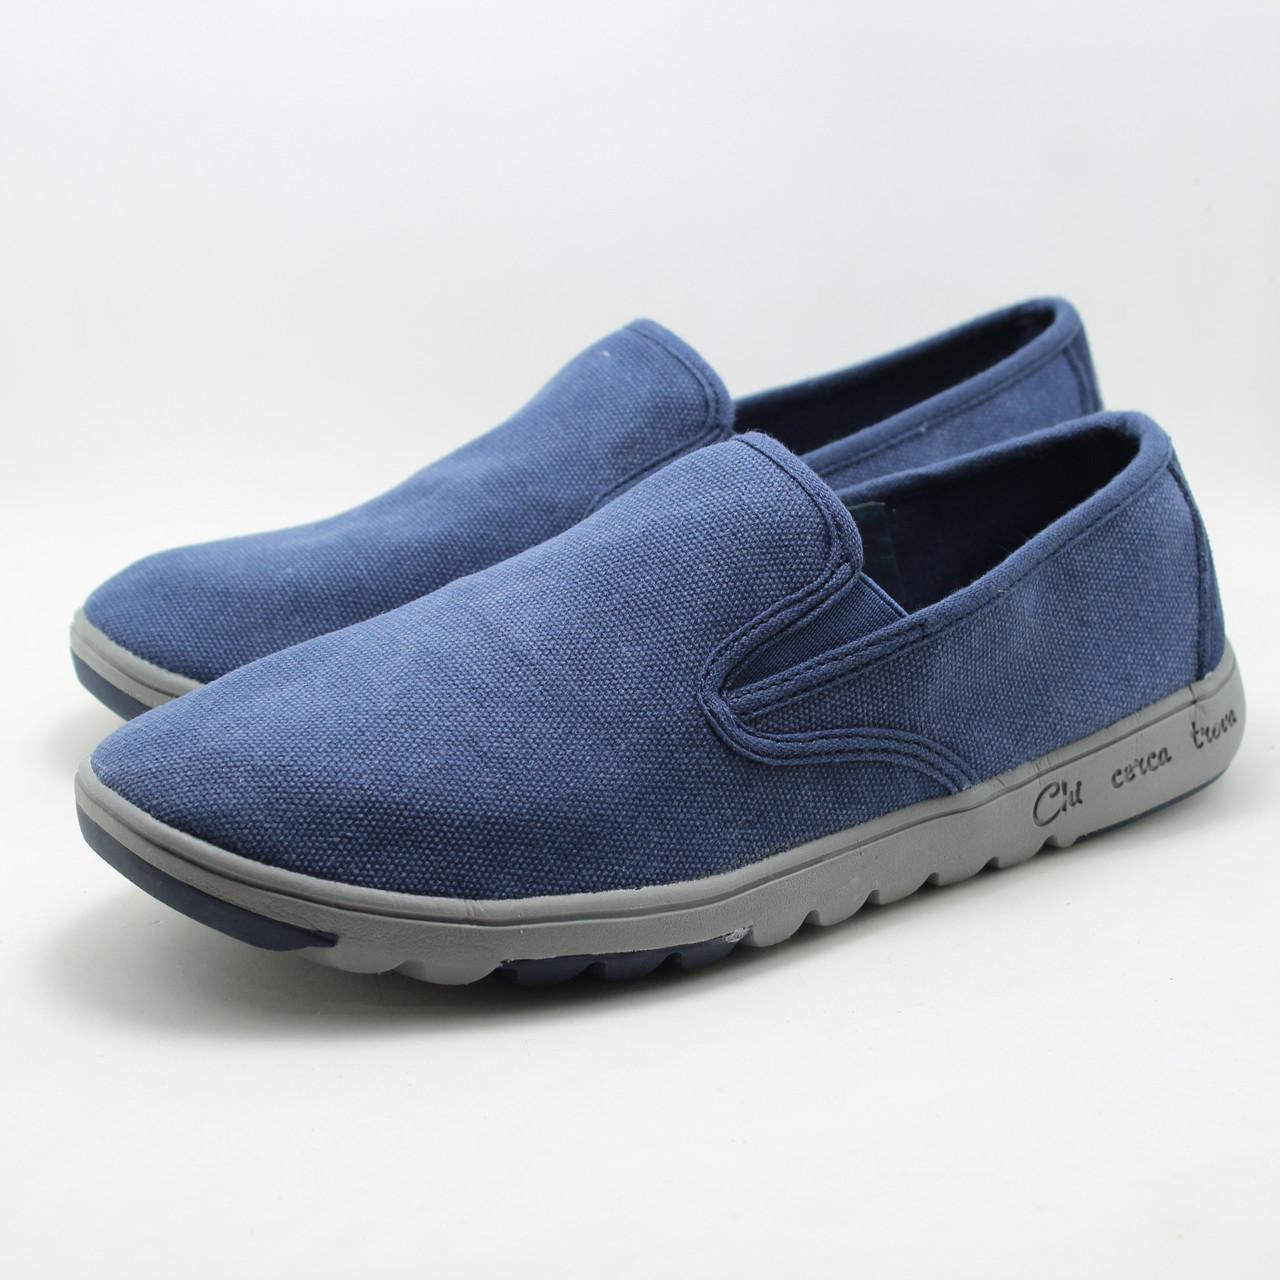 Сині чоловічі туфлі сліпони Tesoro 107109/07-01 текстильні